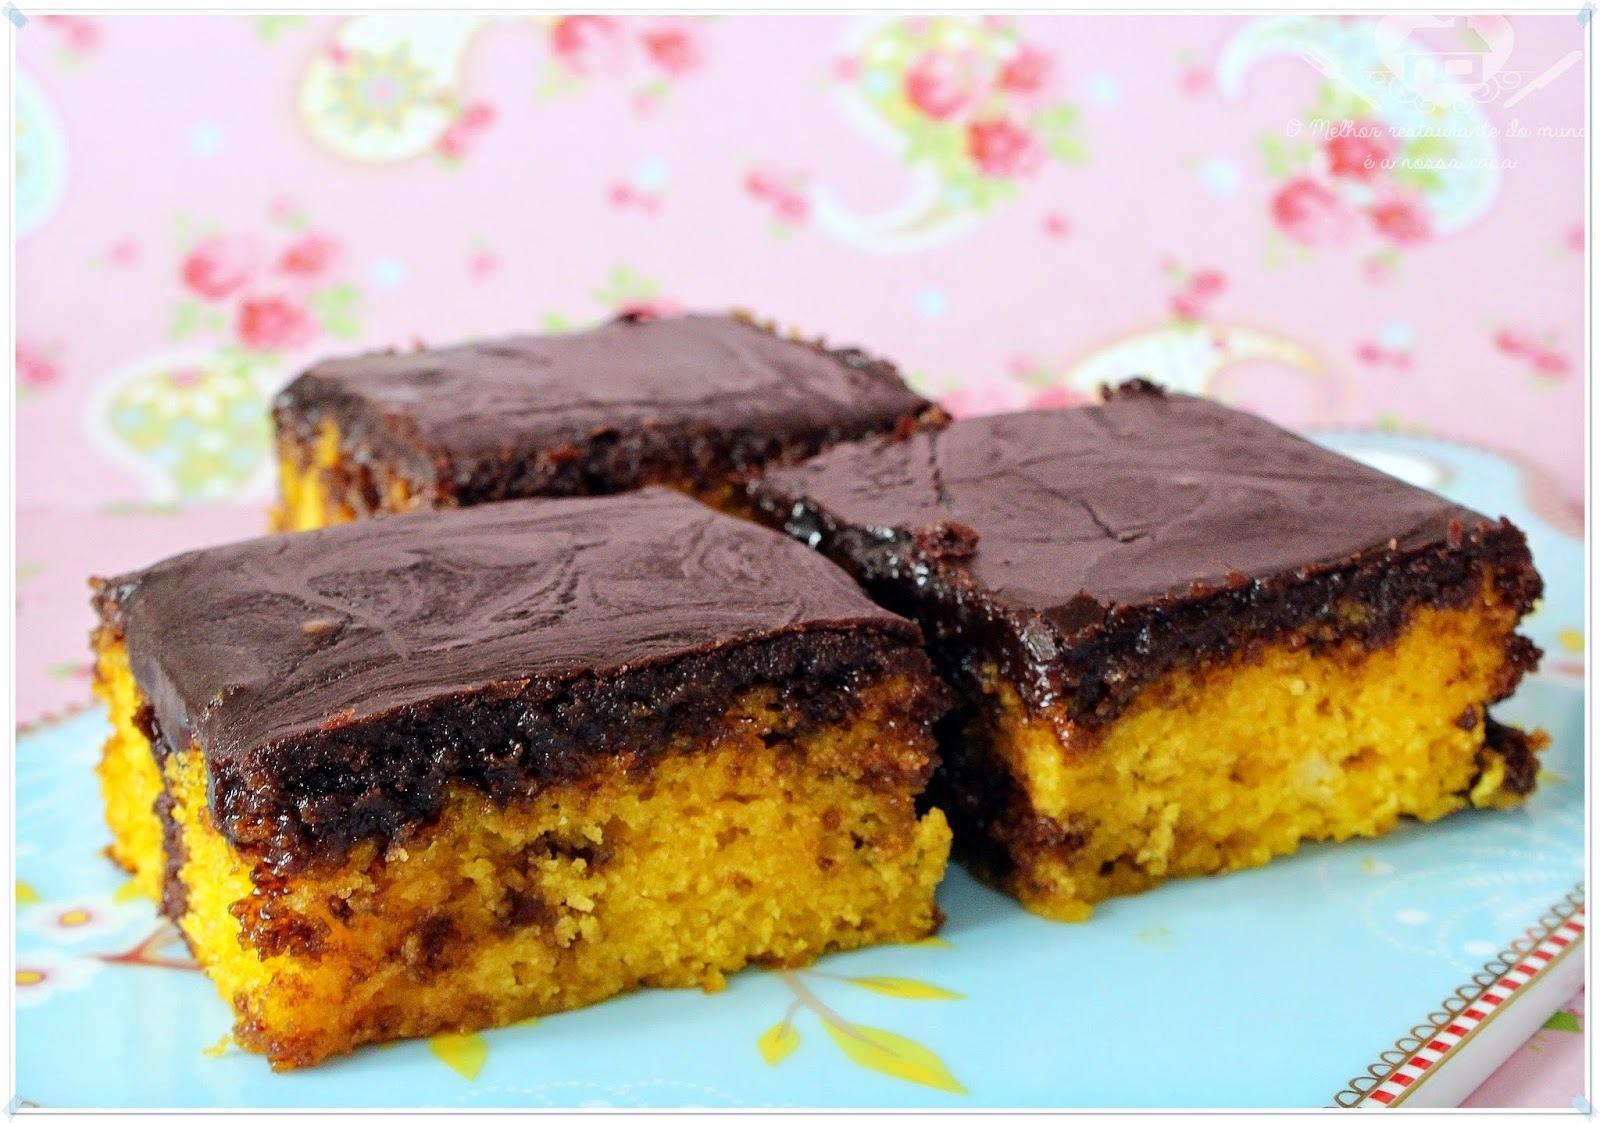 cobertura de chocolate durinha simples sem manteiga